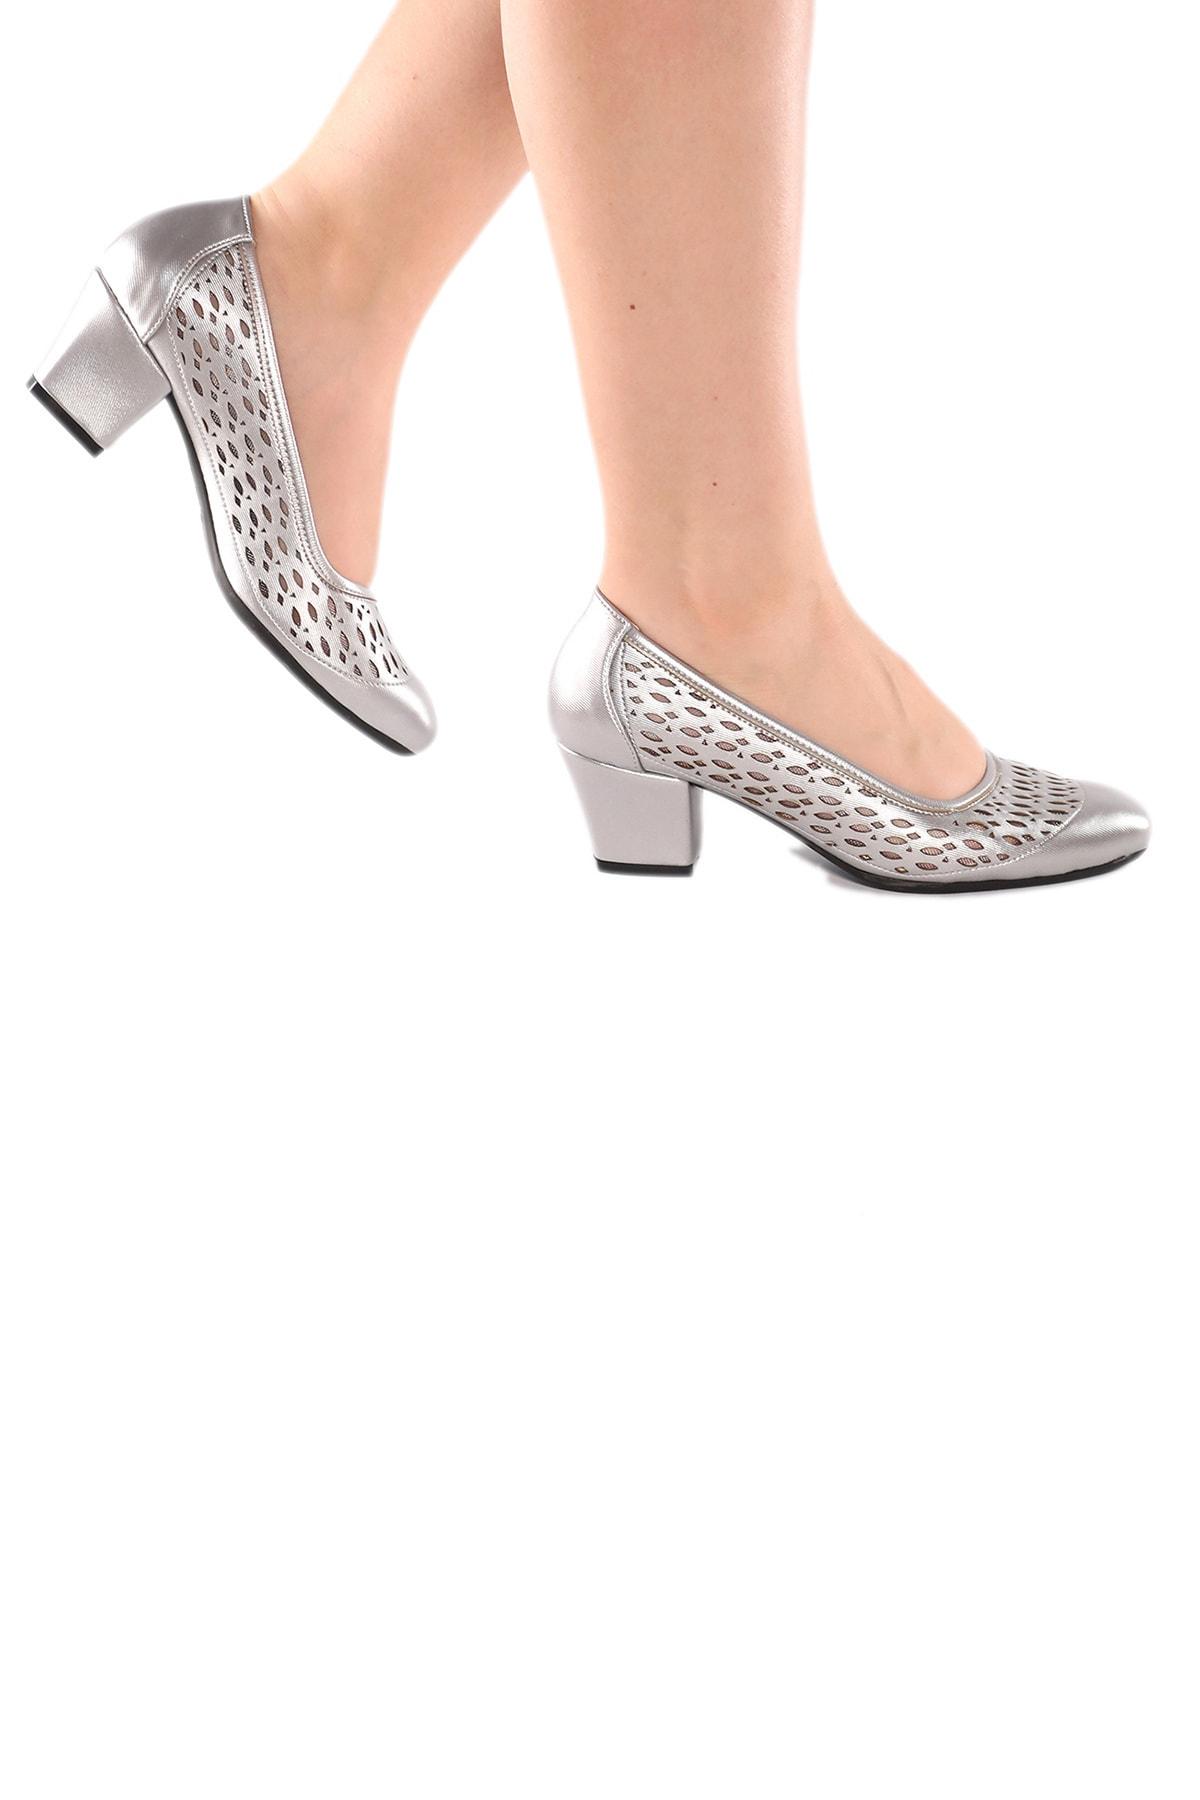 Marcatella Kadın Altın Sarısı Alçak Topuklu Ayakkabı